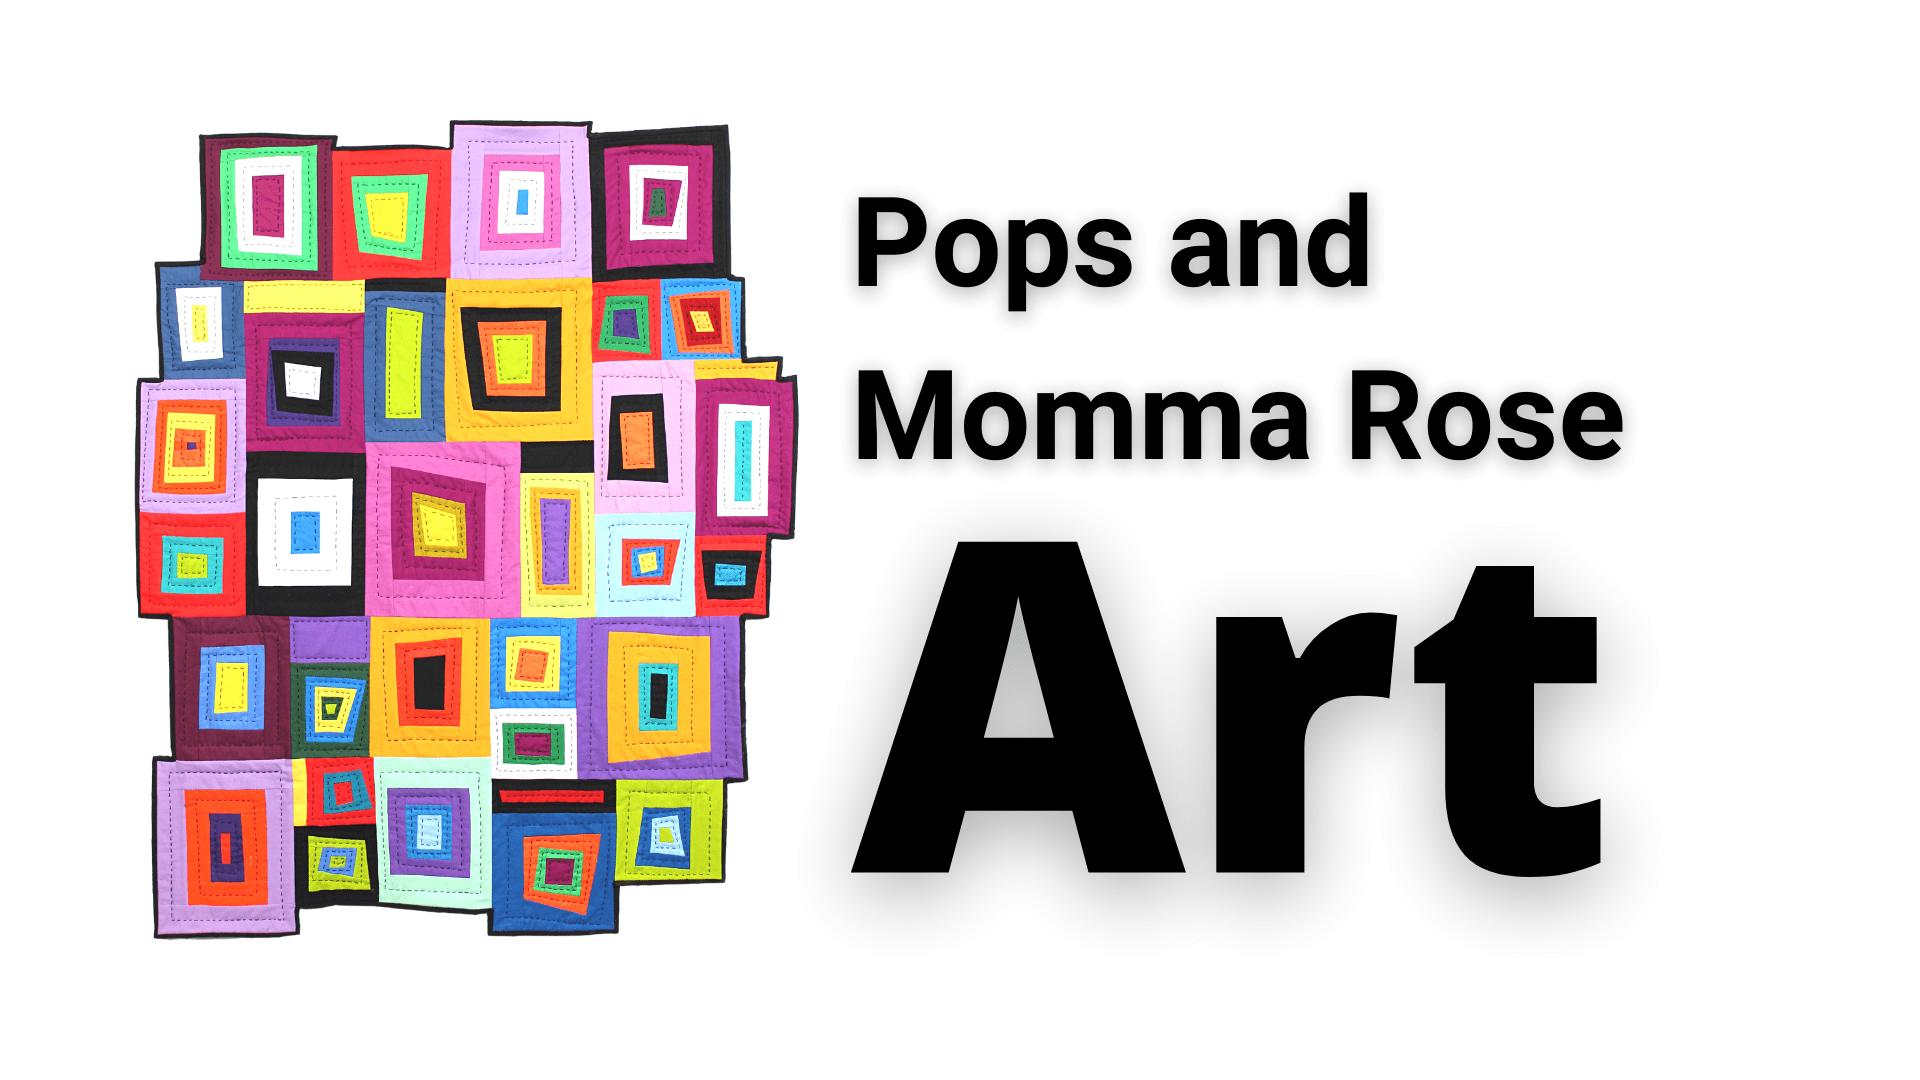 Pops and Momma Rose Art